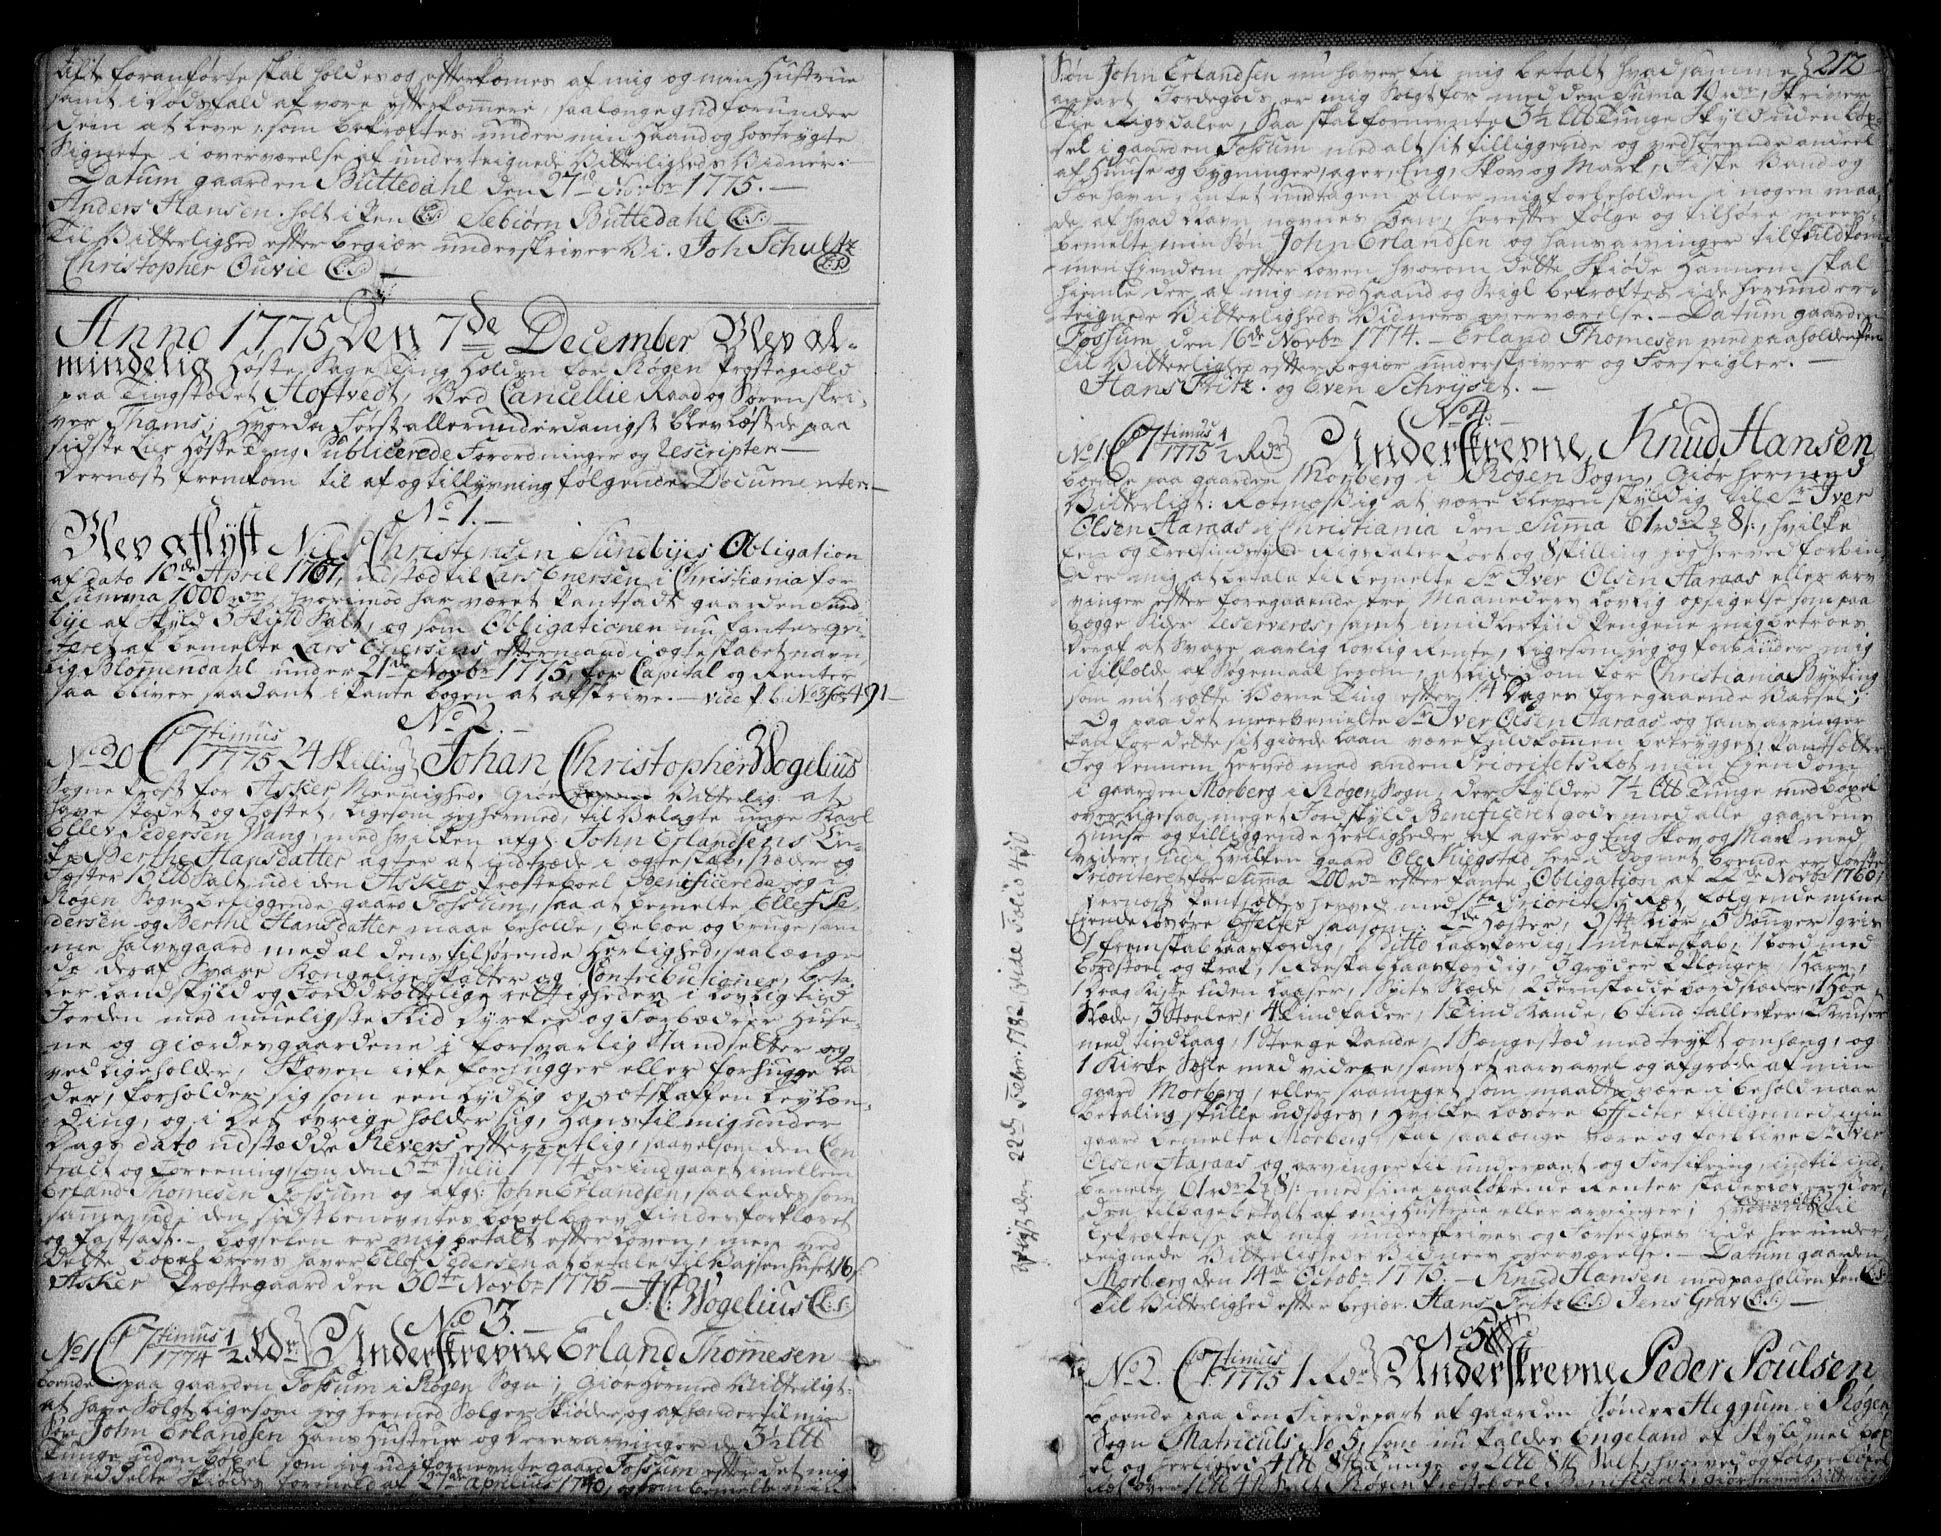 SAKO, Lier, Røyken og Hurum sorenskriveri, G/Ga/Gaa/L0004a: Pantebok nr. IVa, 1771-1779, s. 212